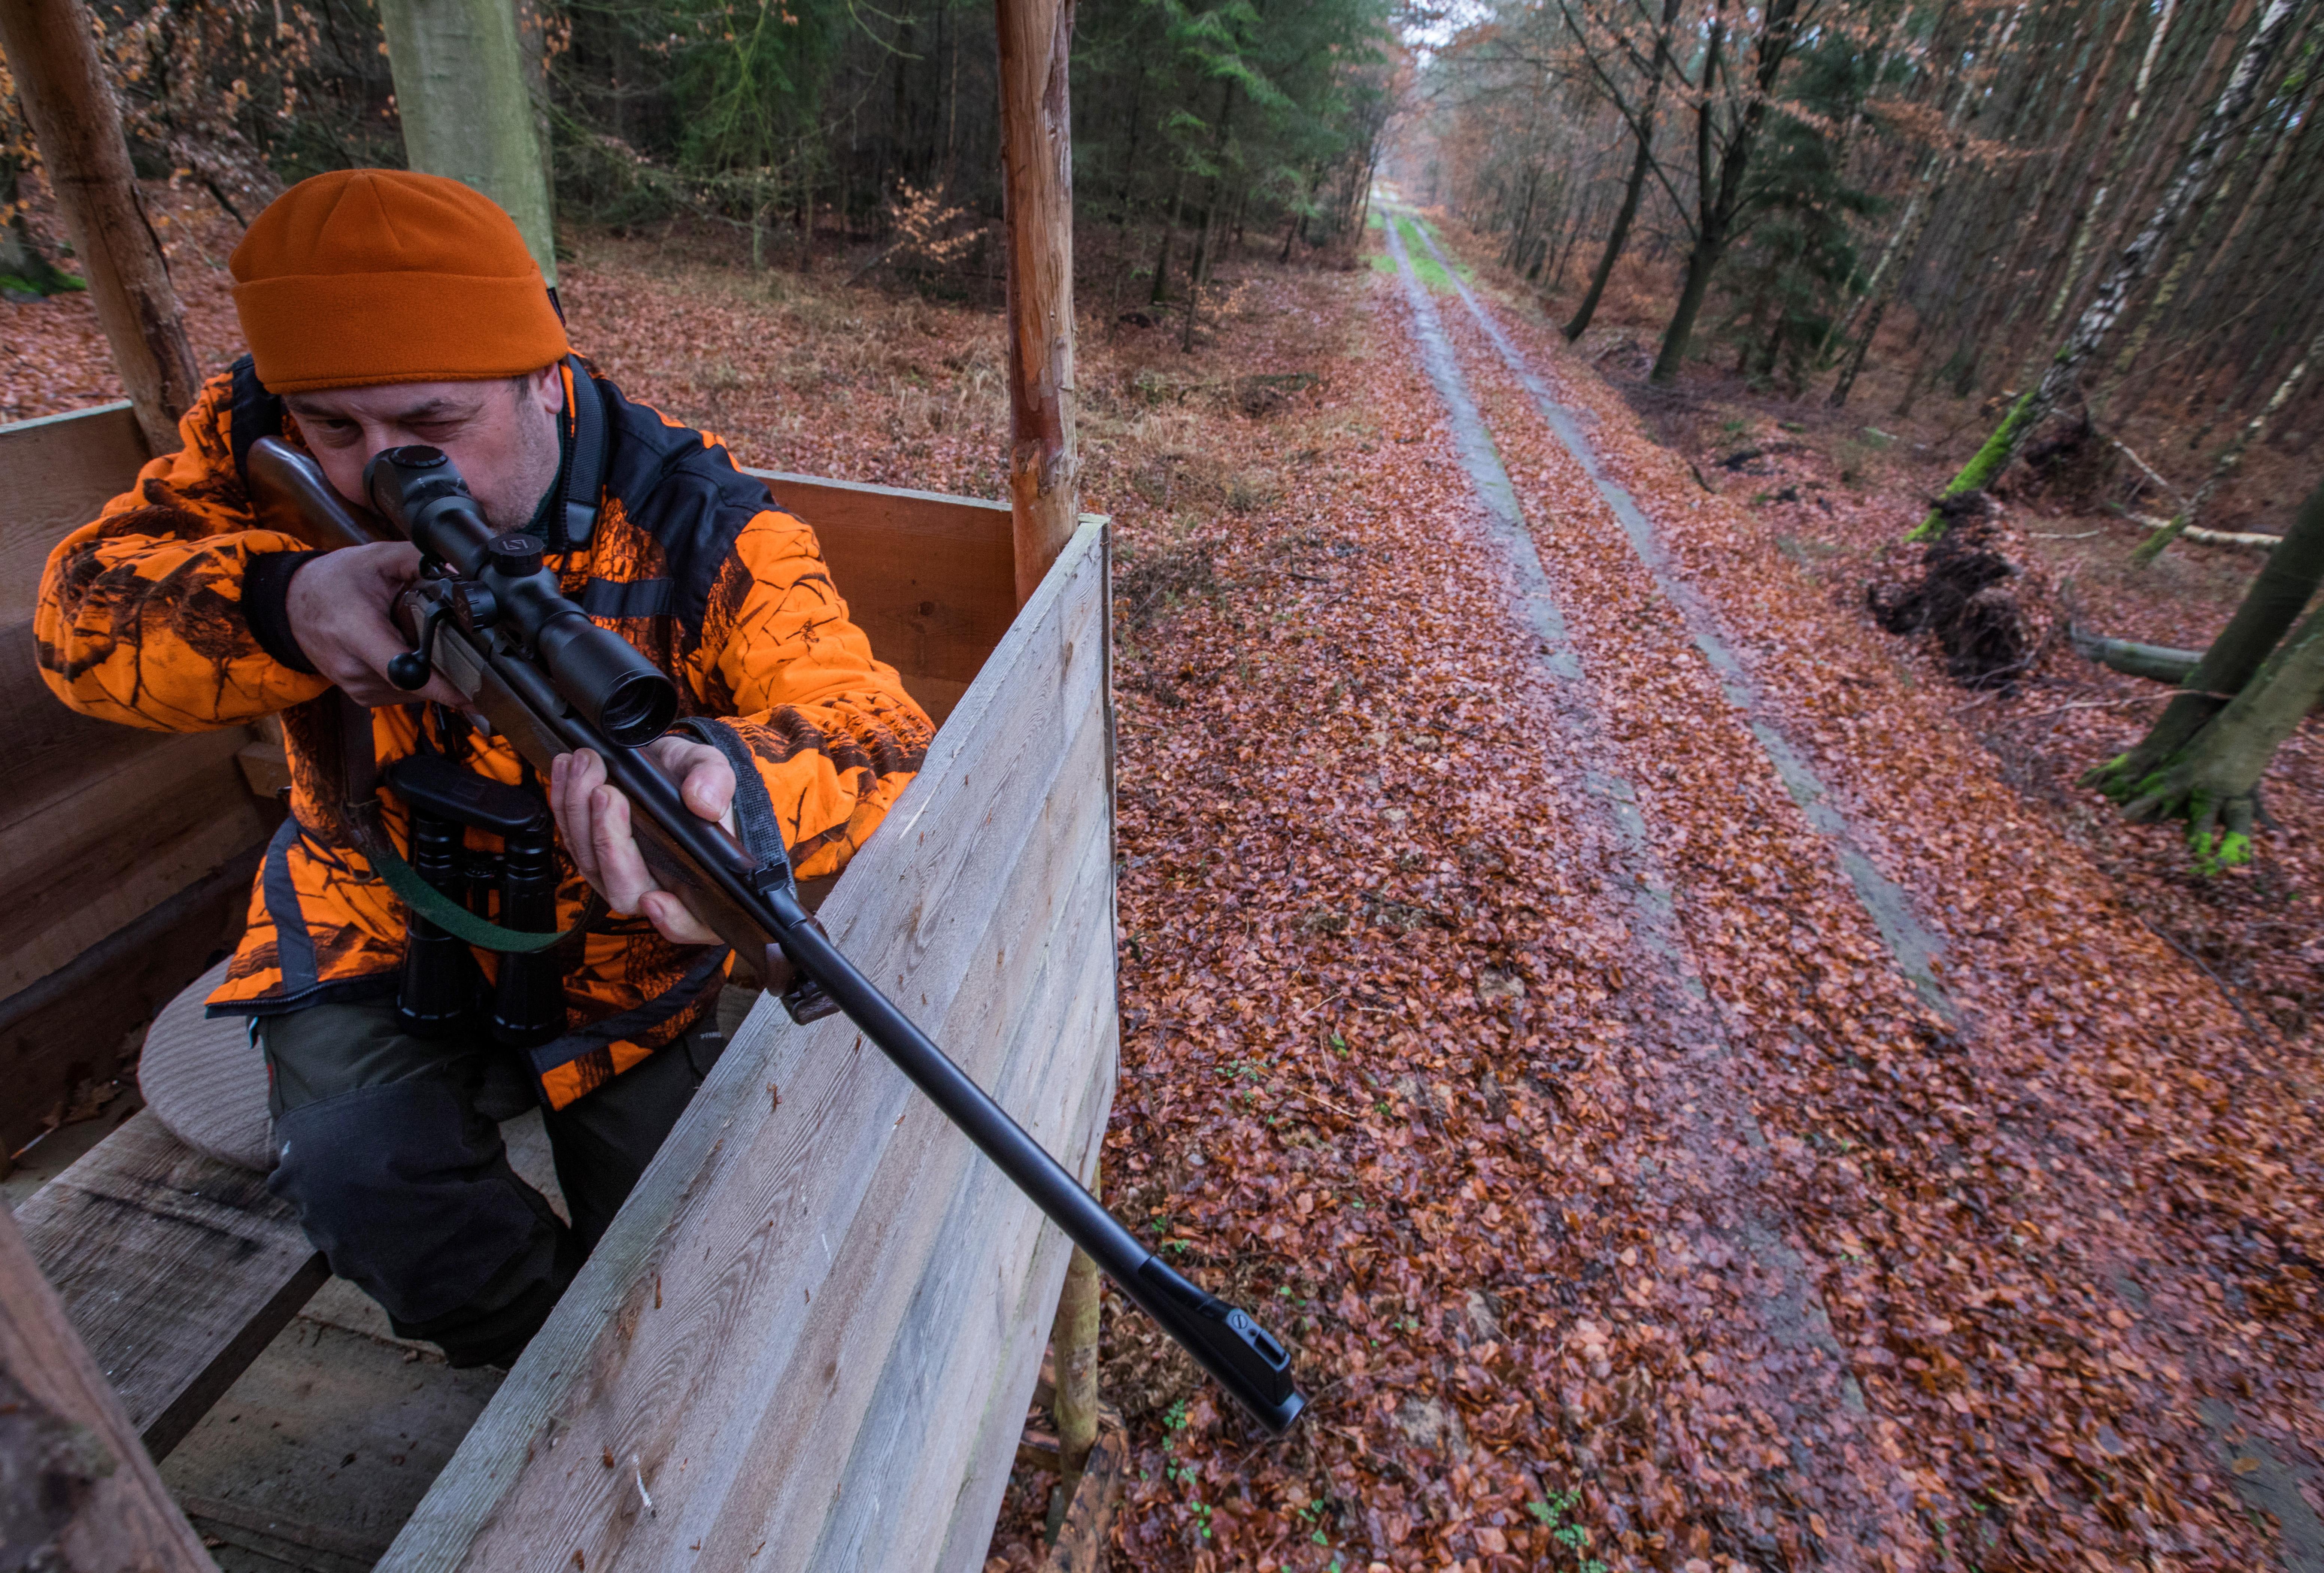 Több dél-dunántúli erdőben is korlátozzák a belépést, hogy megóvják a vadak nyugalmát a vadászidény alatt